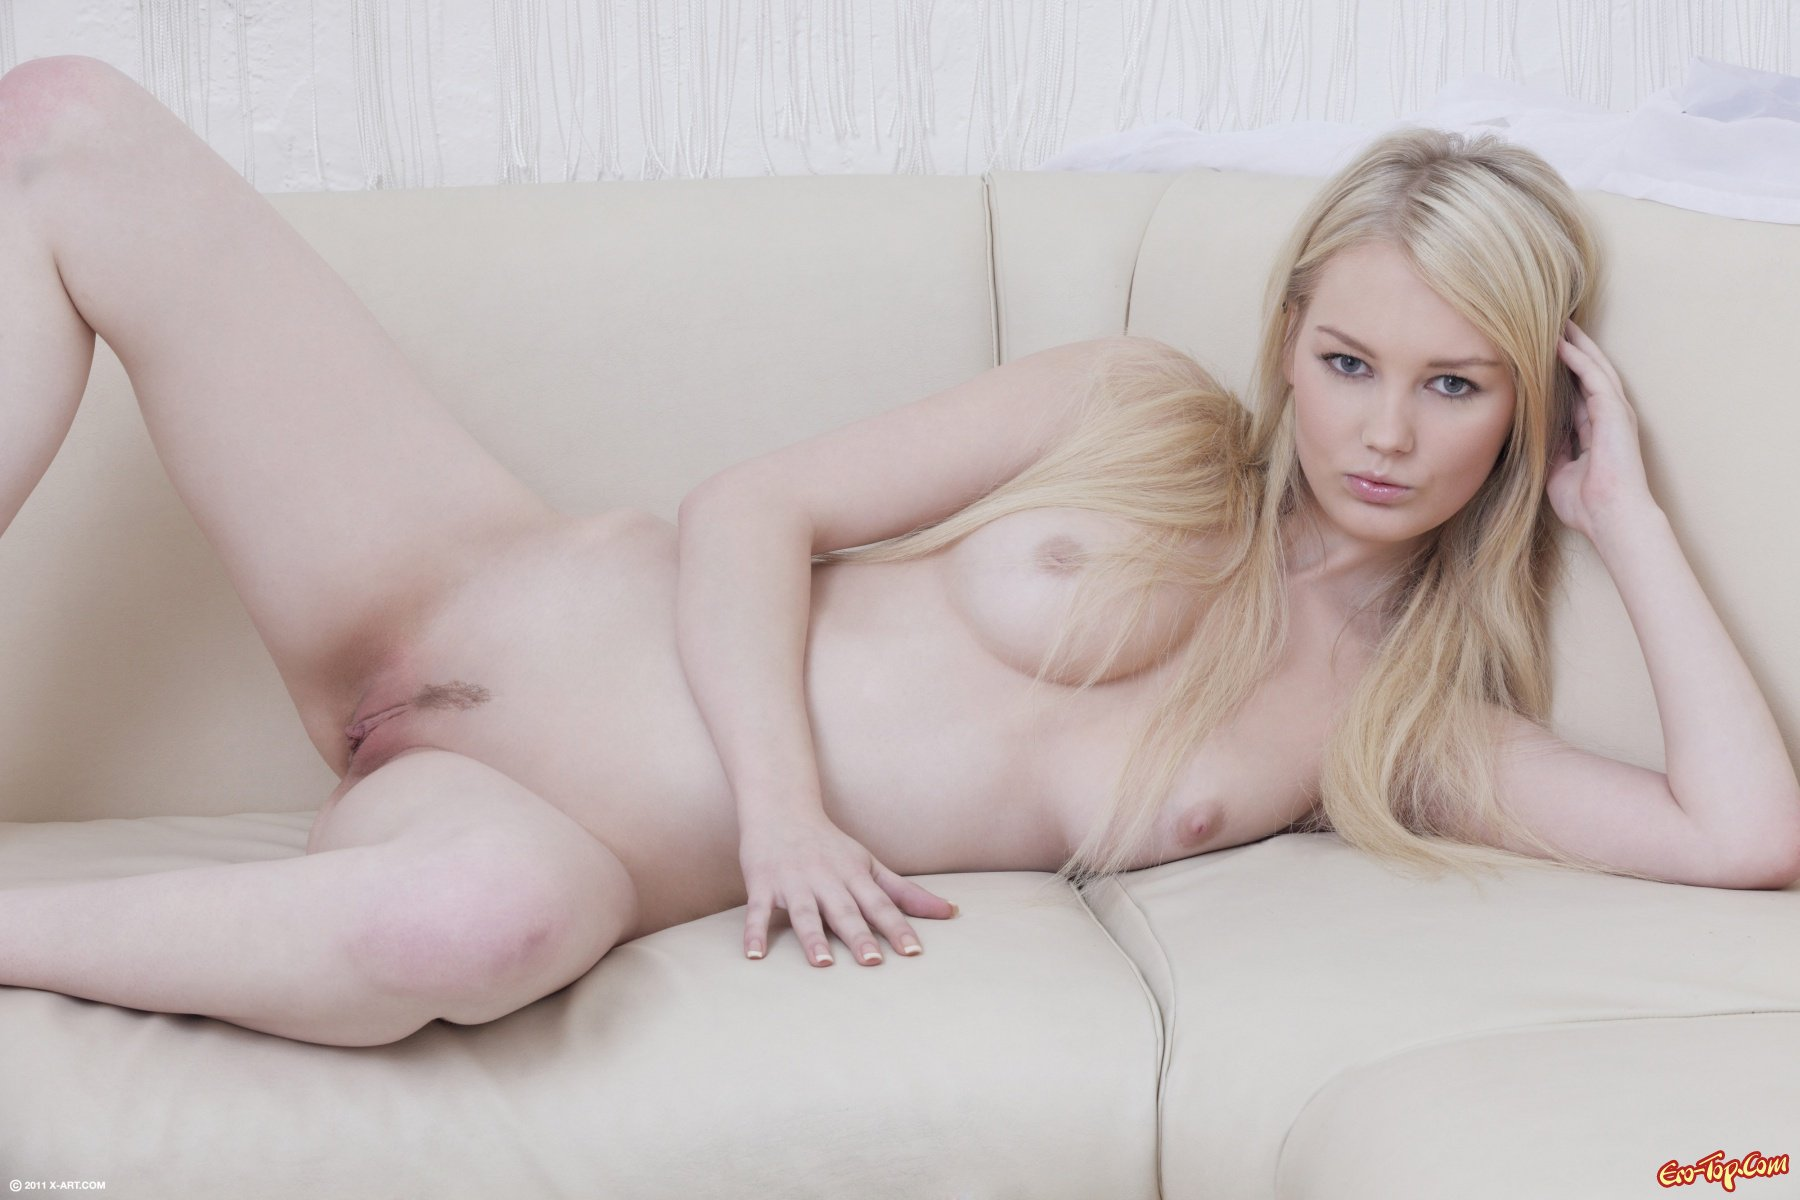 Голая блонидинка с нежной киской